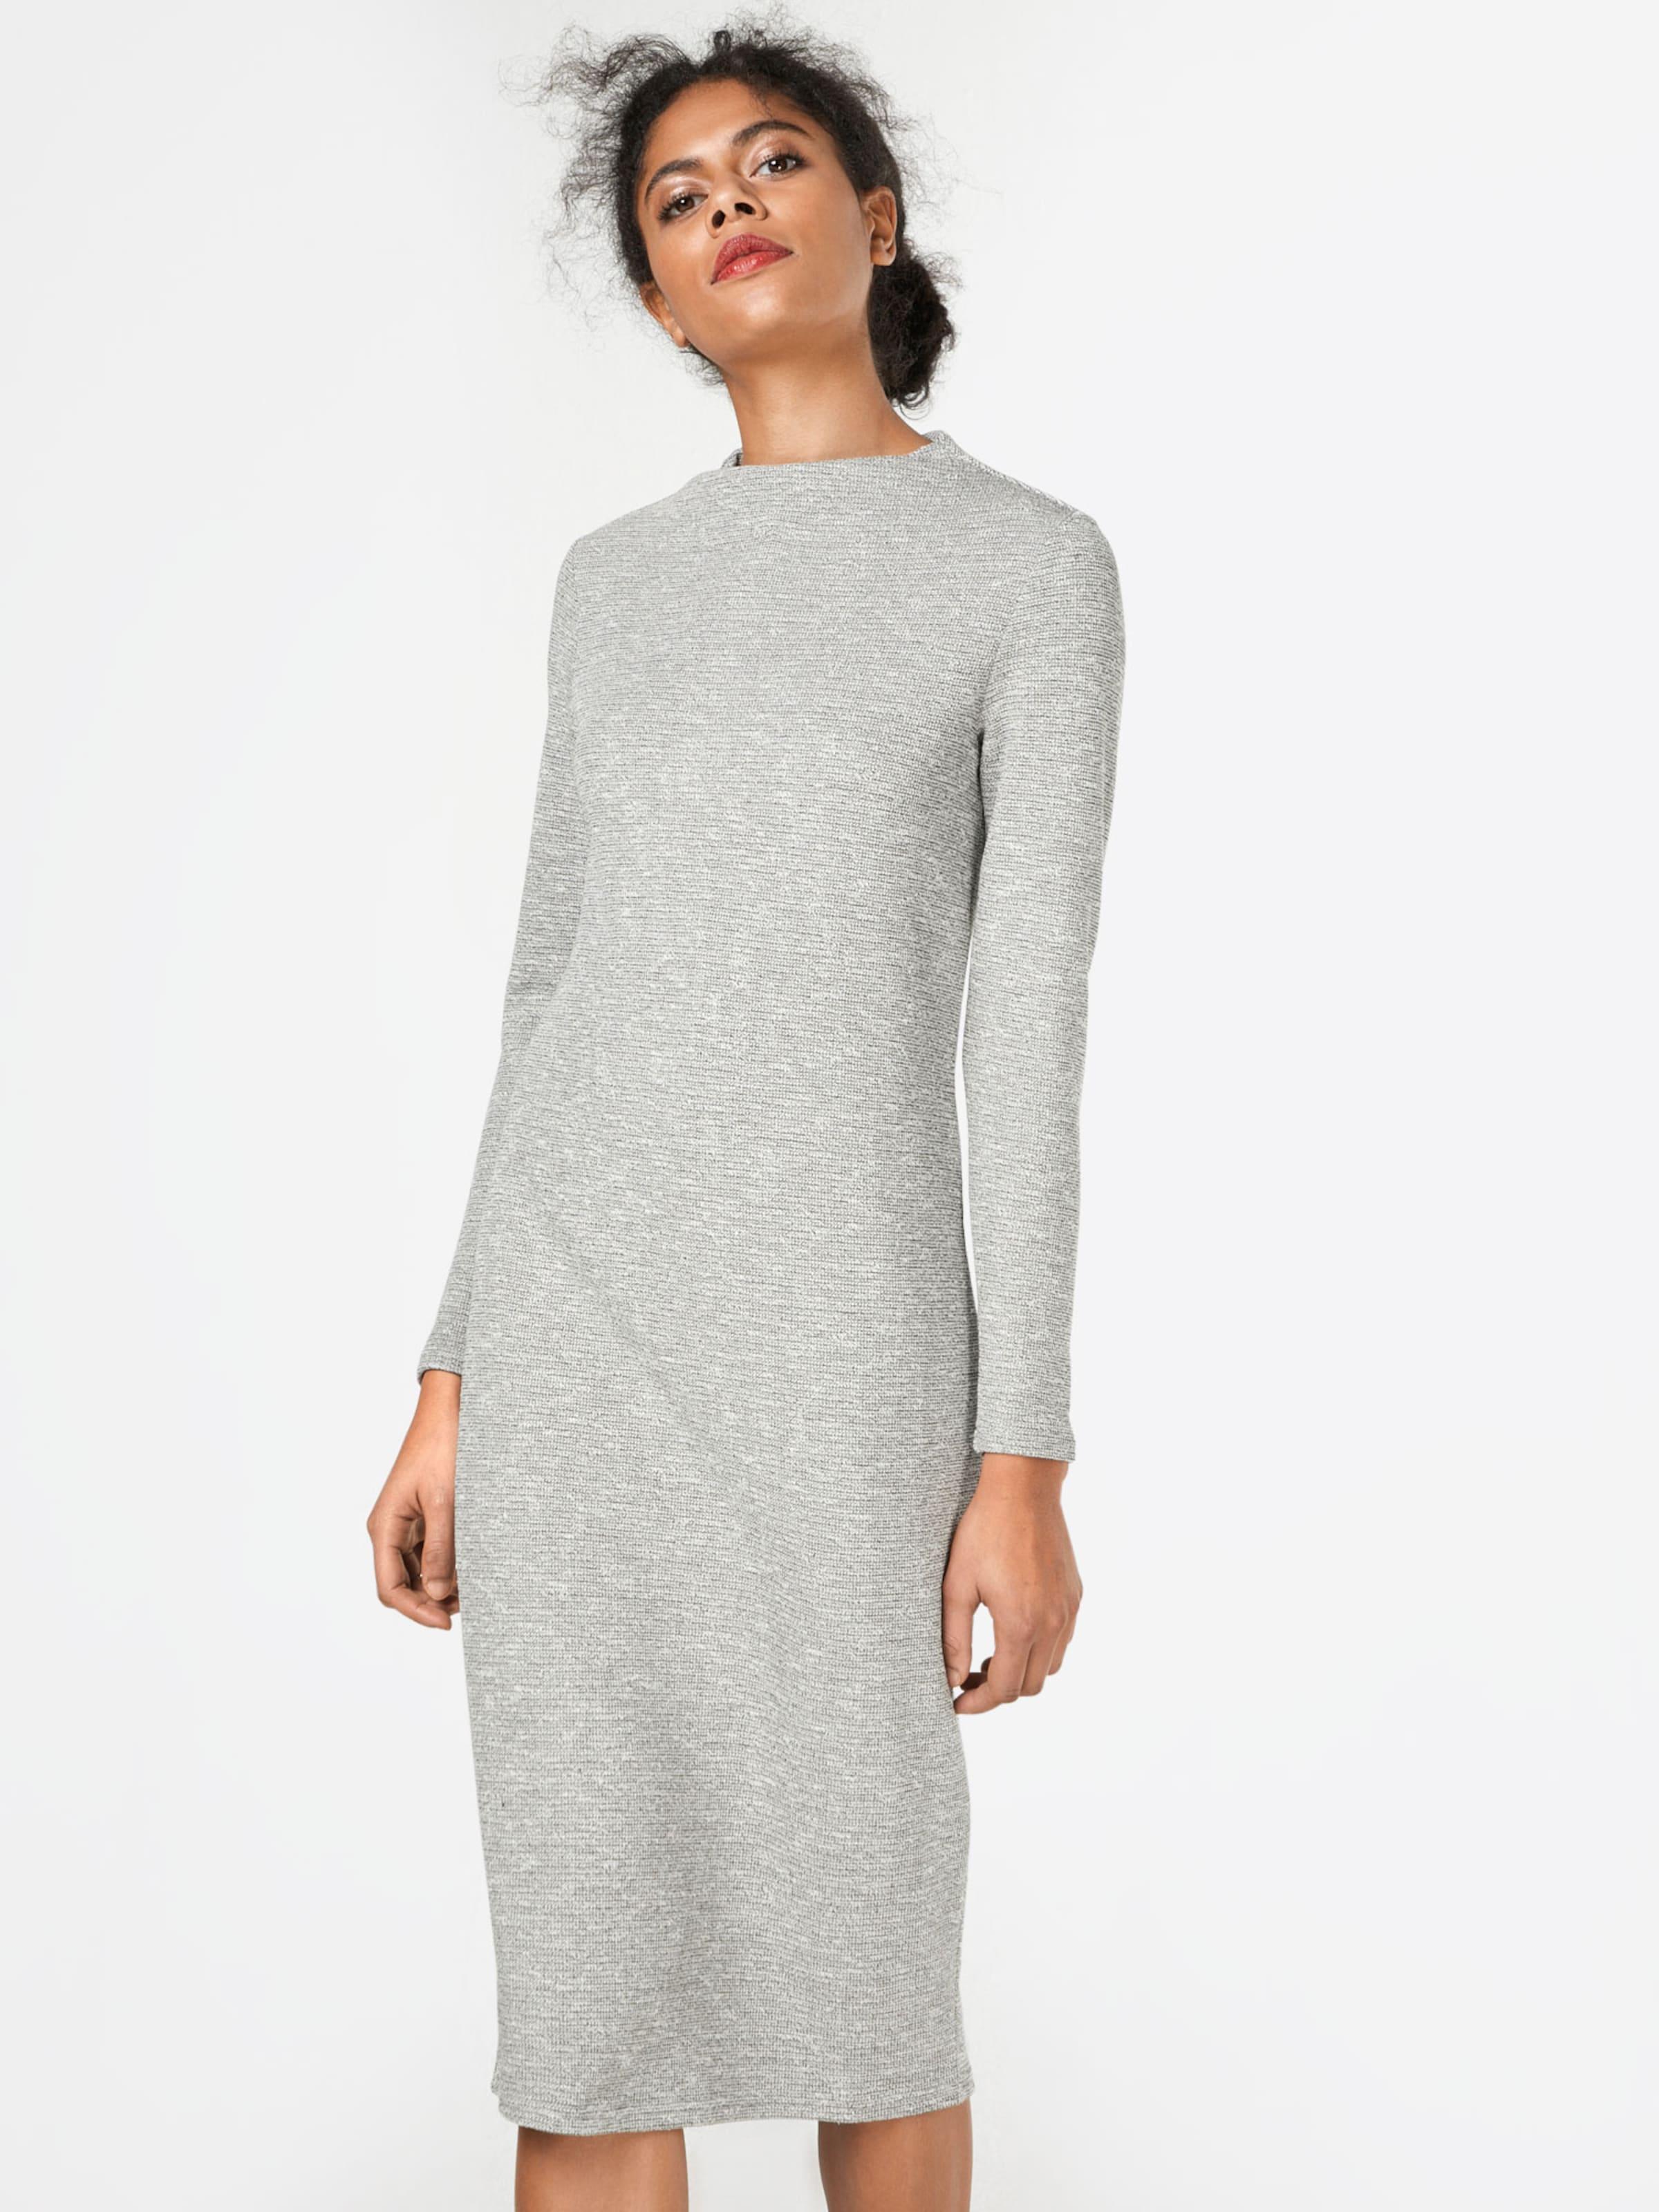 Kaufen Sie Günstig Online Einkaufen 2018 Günstig Online BOSS Kleid 'Damare' Ps2z14